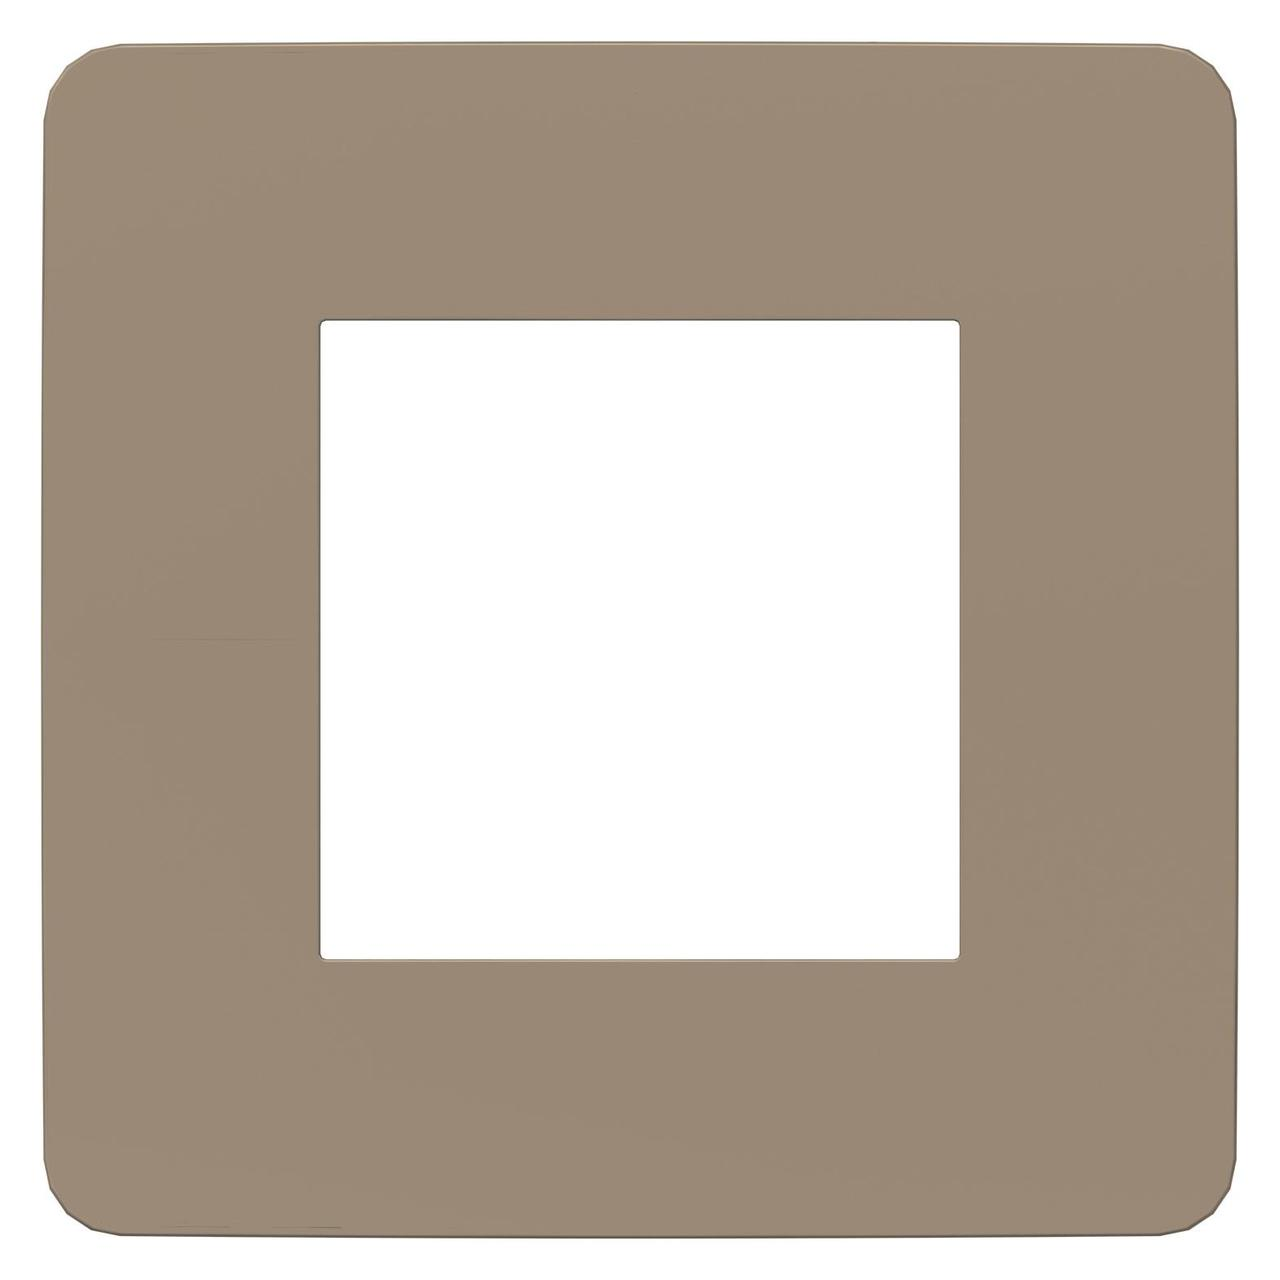 Рамка 1-ая (одинарная), Песочный/Белый, серия Unica Studio, Schneider Electric